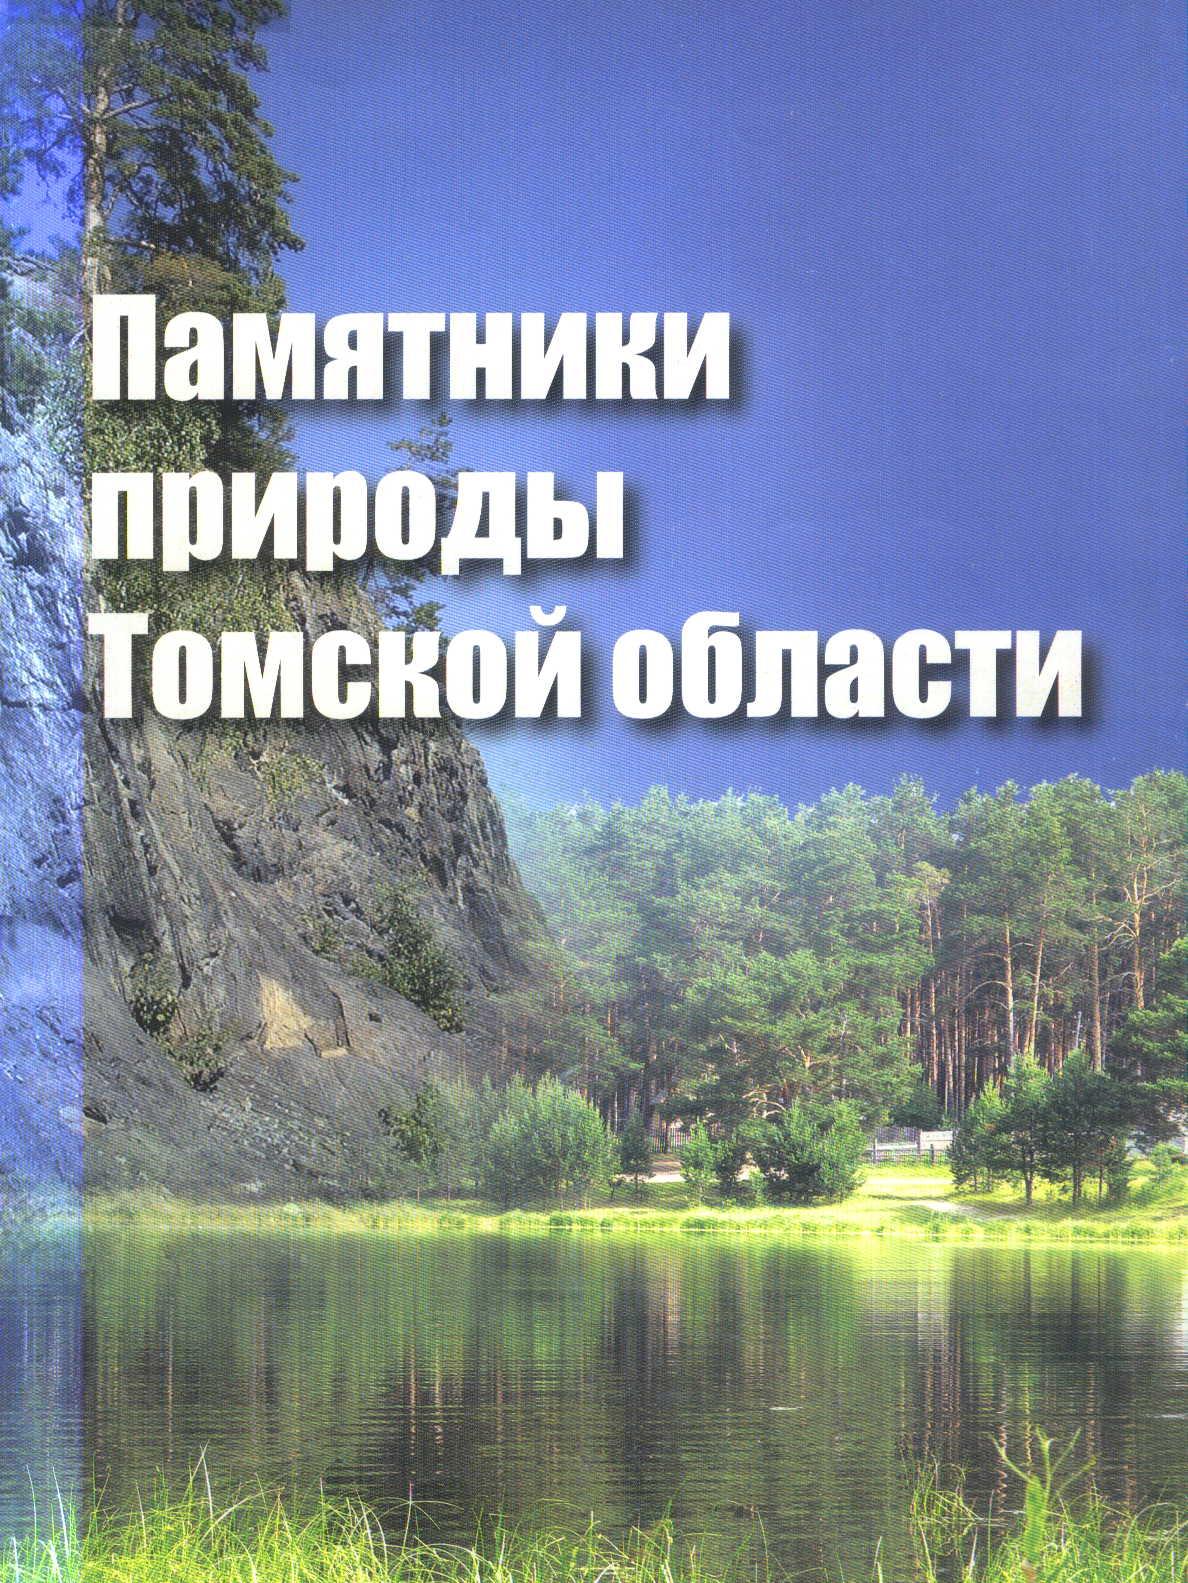 Экологические организации Томской области